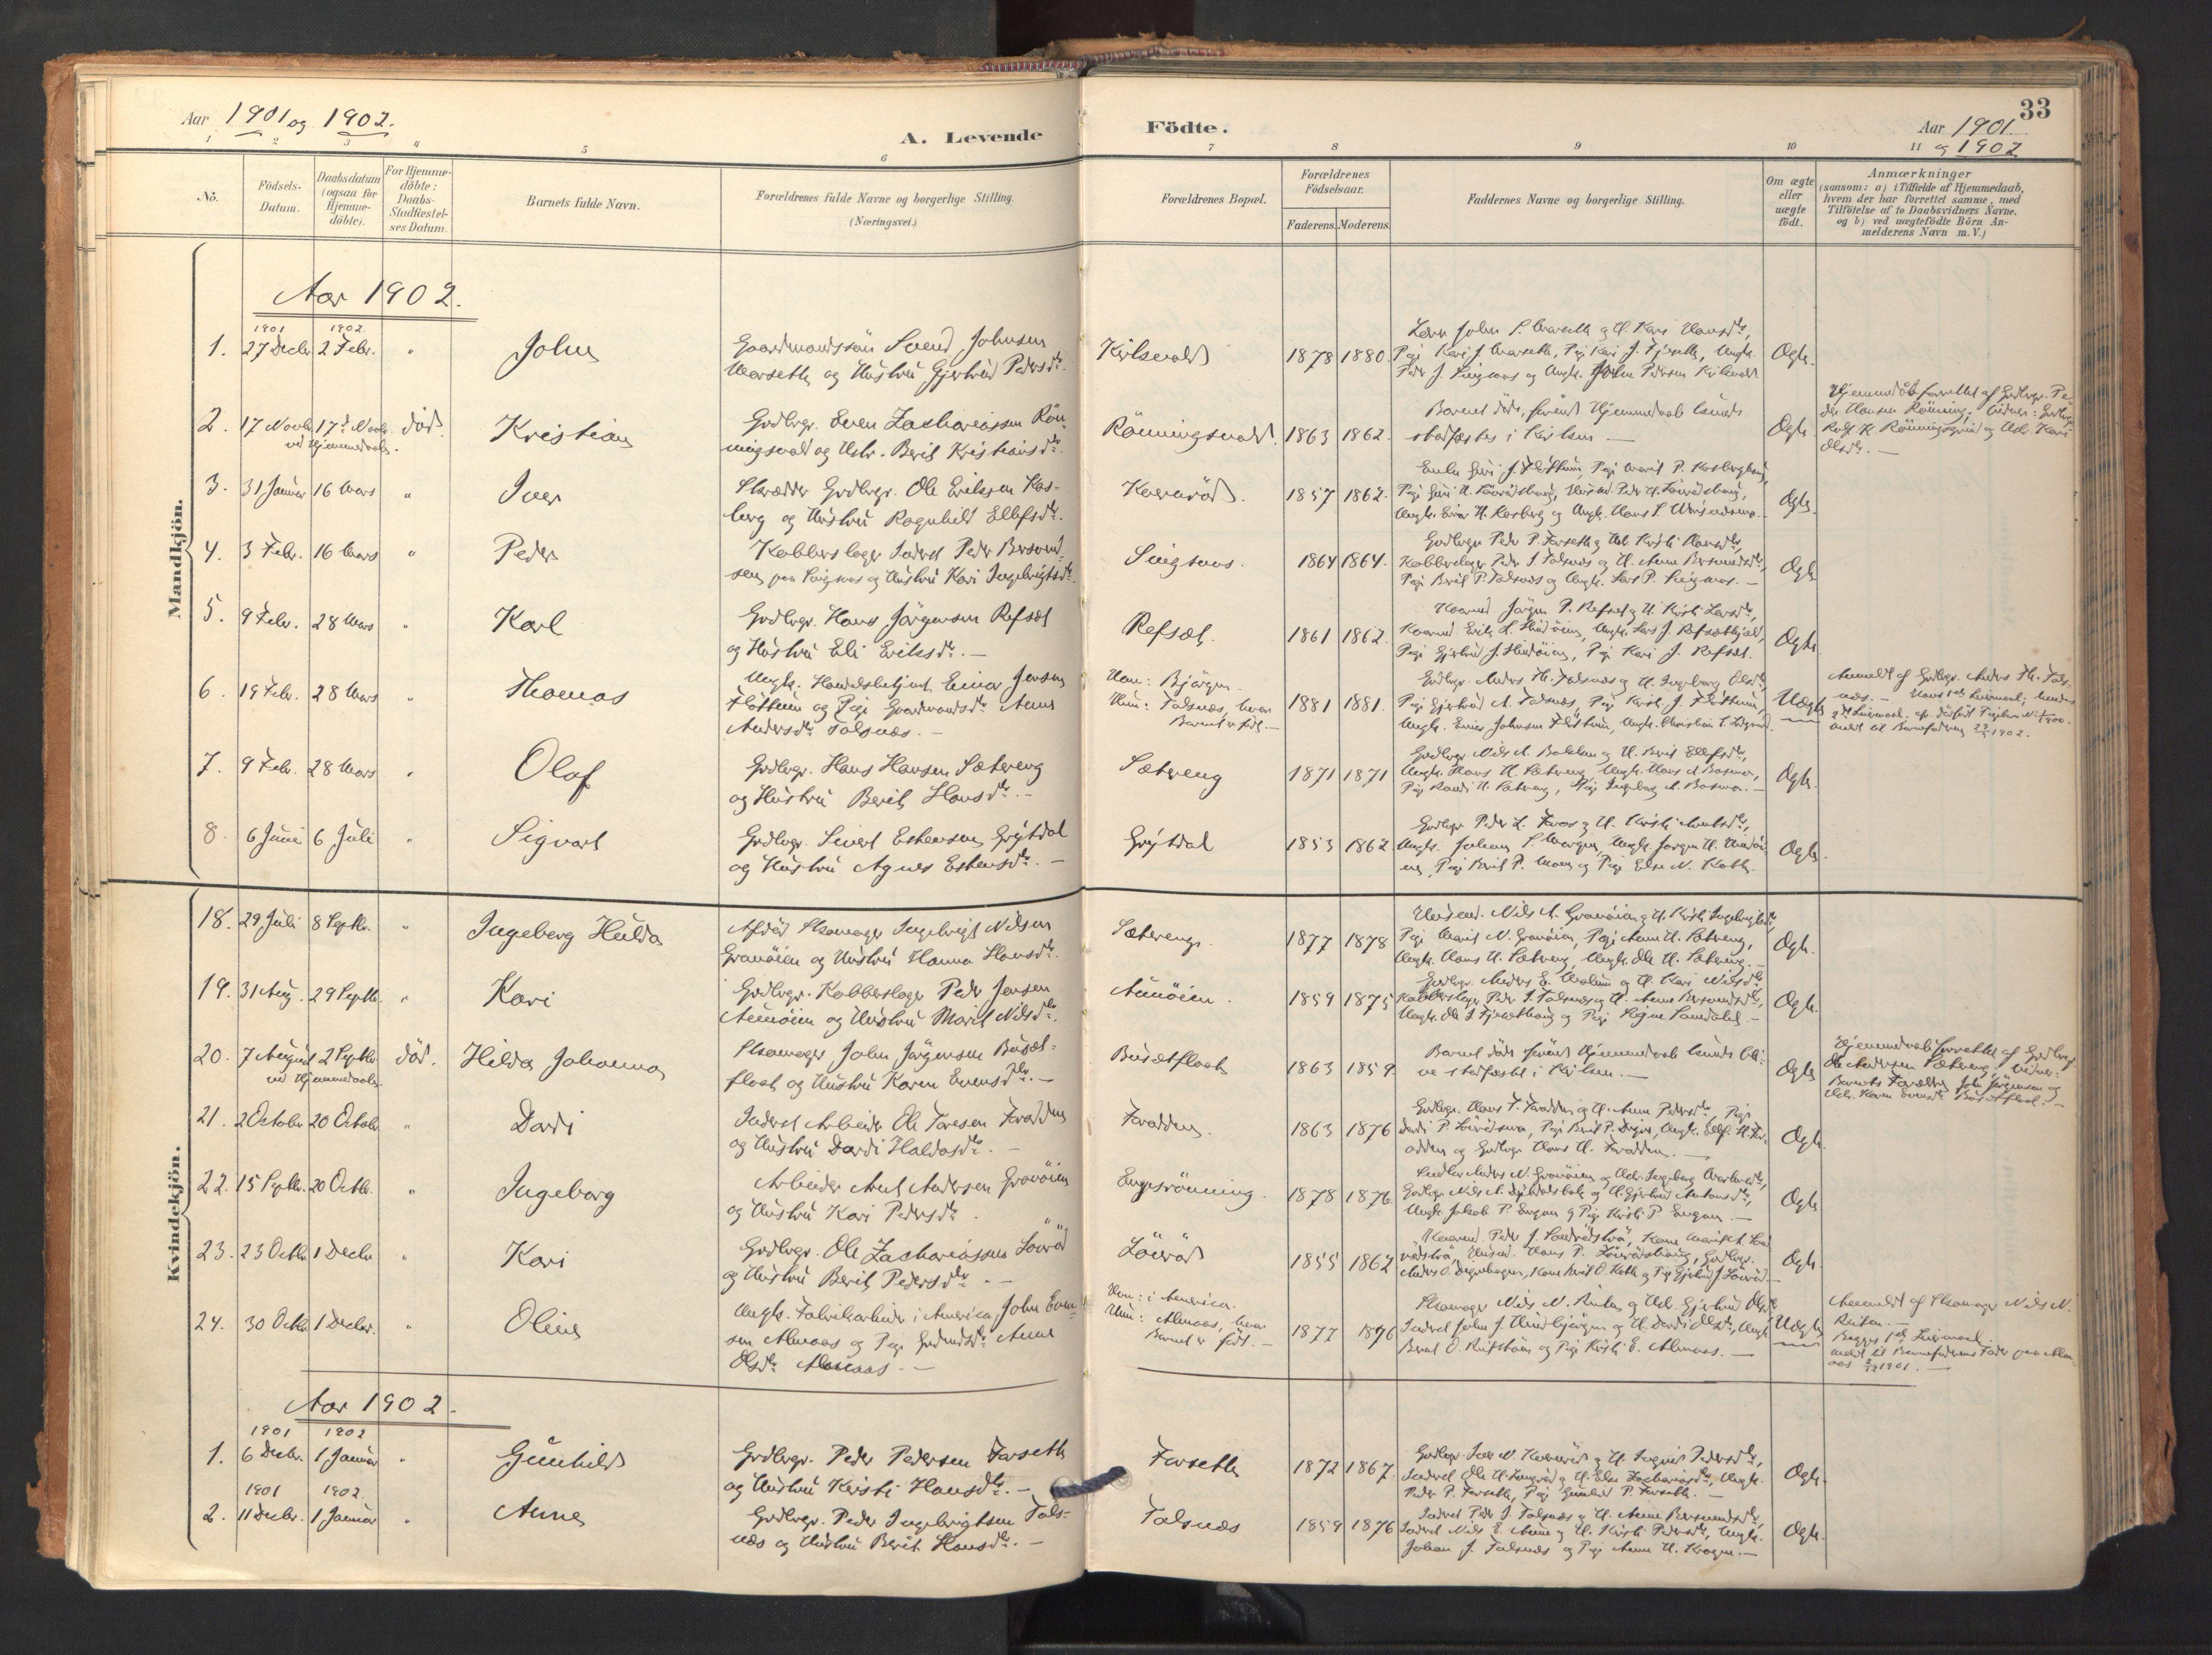 SAT, Ministerialprotokoller, klokkerbøker og fødselsregistre - Sør-Trøndelag, 688/L1025: Ministerialbok nr. 688A02, 1891-1909, s. 33